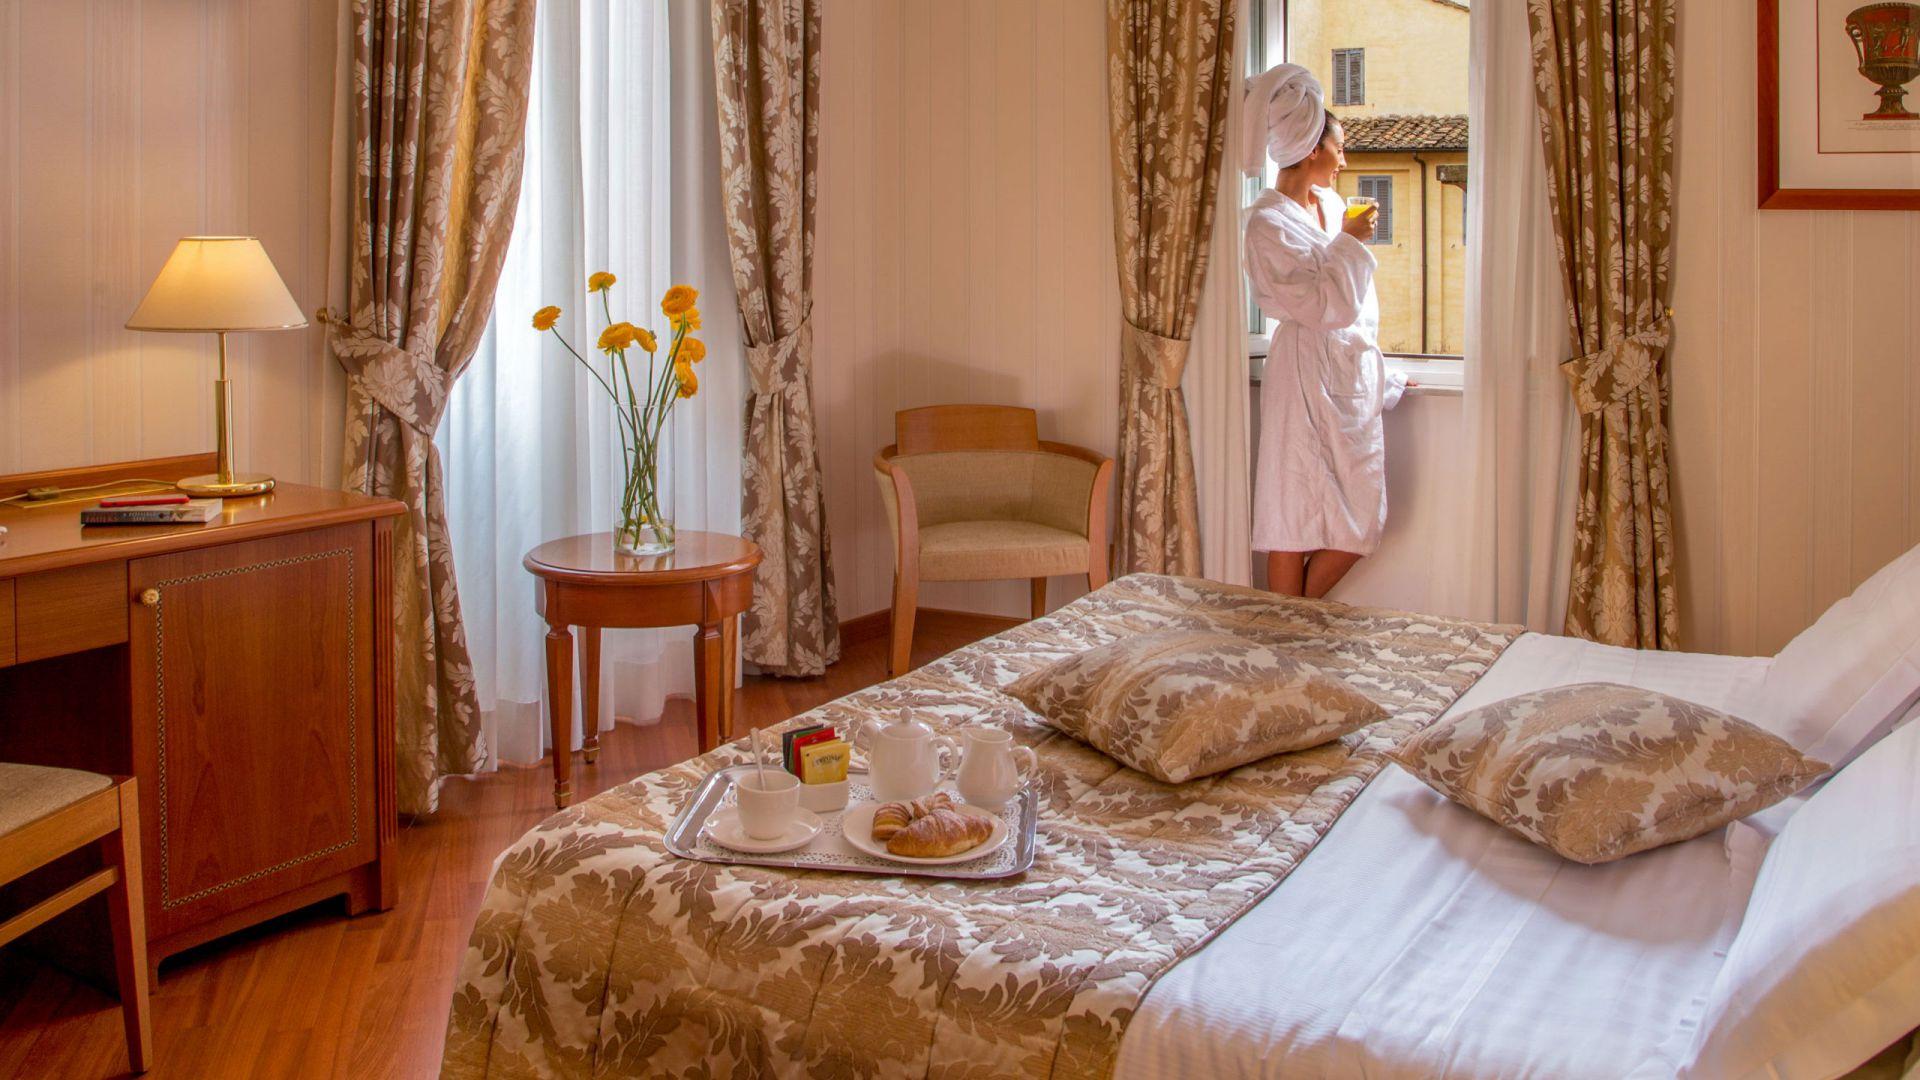 albergo-ottocento-roma-doppia-deluxe-25